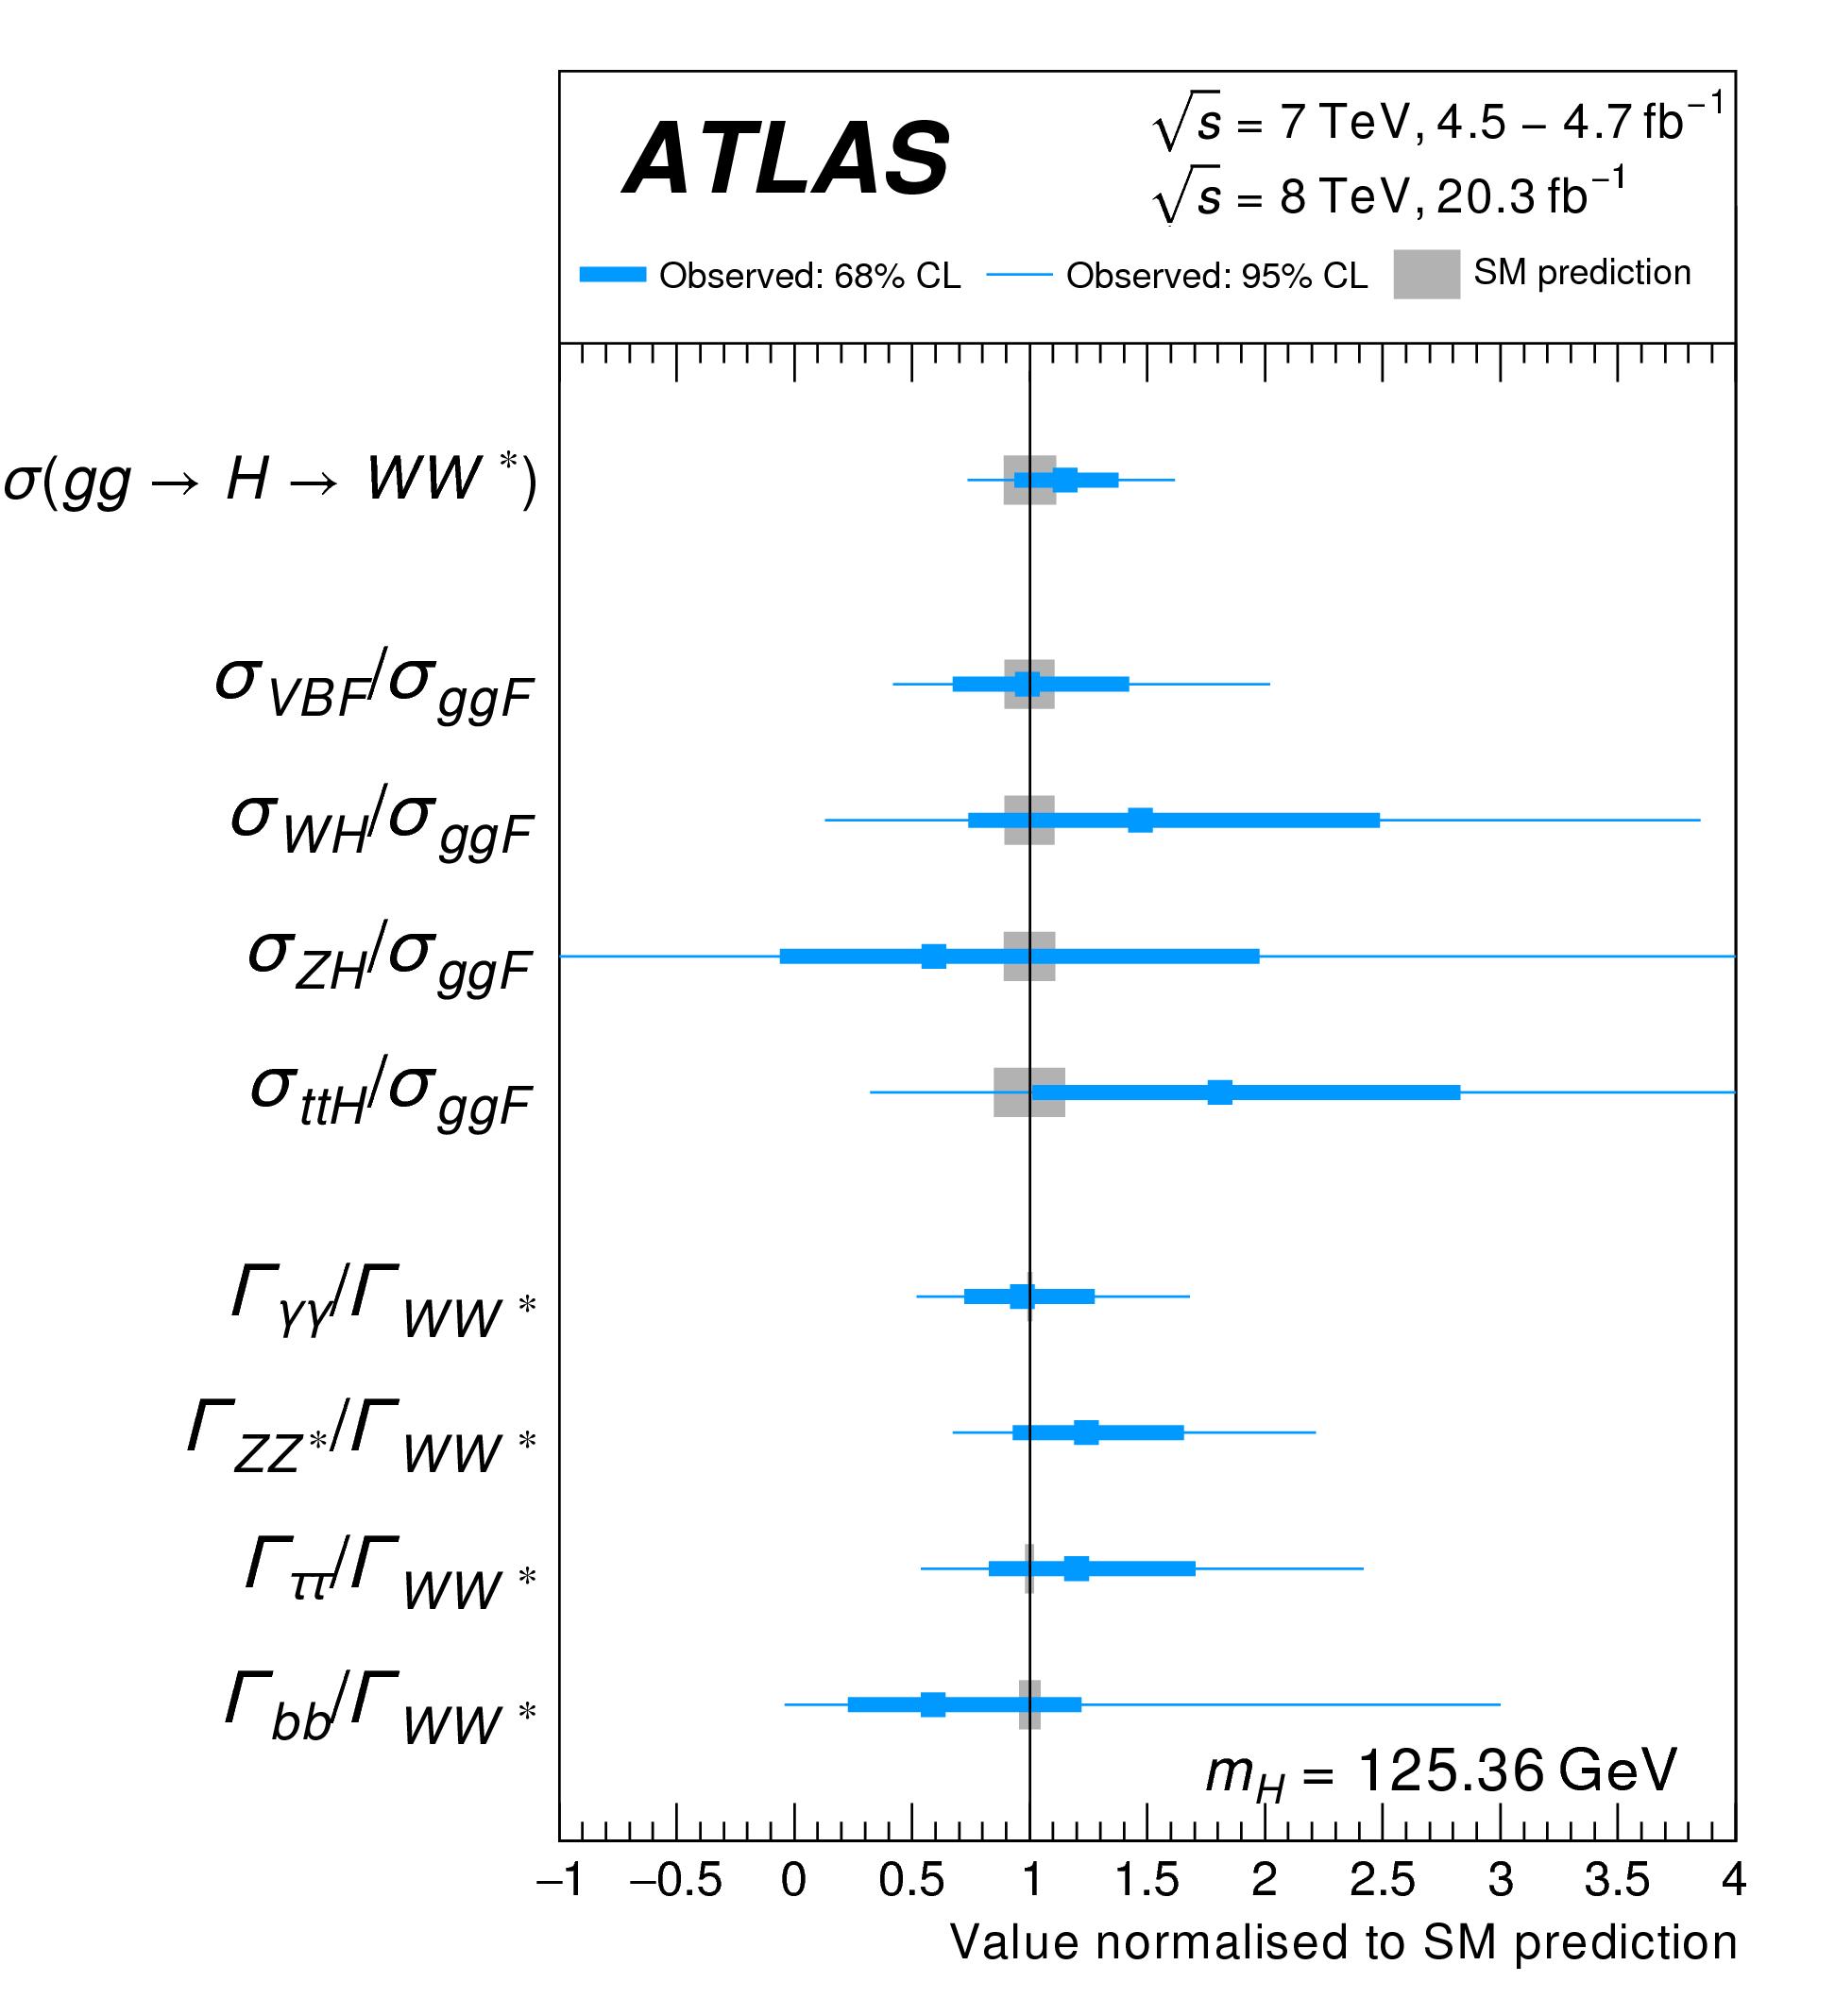 https://atlas.web.cern.ch/Atlas/GROUPS/PHYSICS/CombinedSummaryPlots/HIGGS/ATLAS_HIGGS3100_XSandBRratio_Summary/ATLAS_HIGGS3100_XSandBRratio_Summary.png